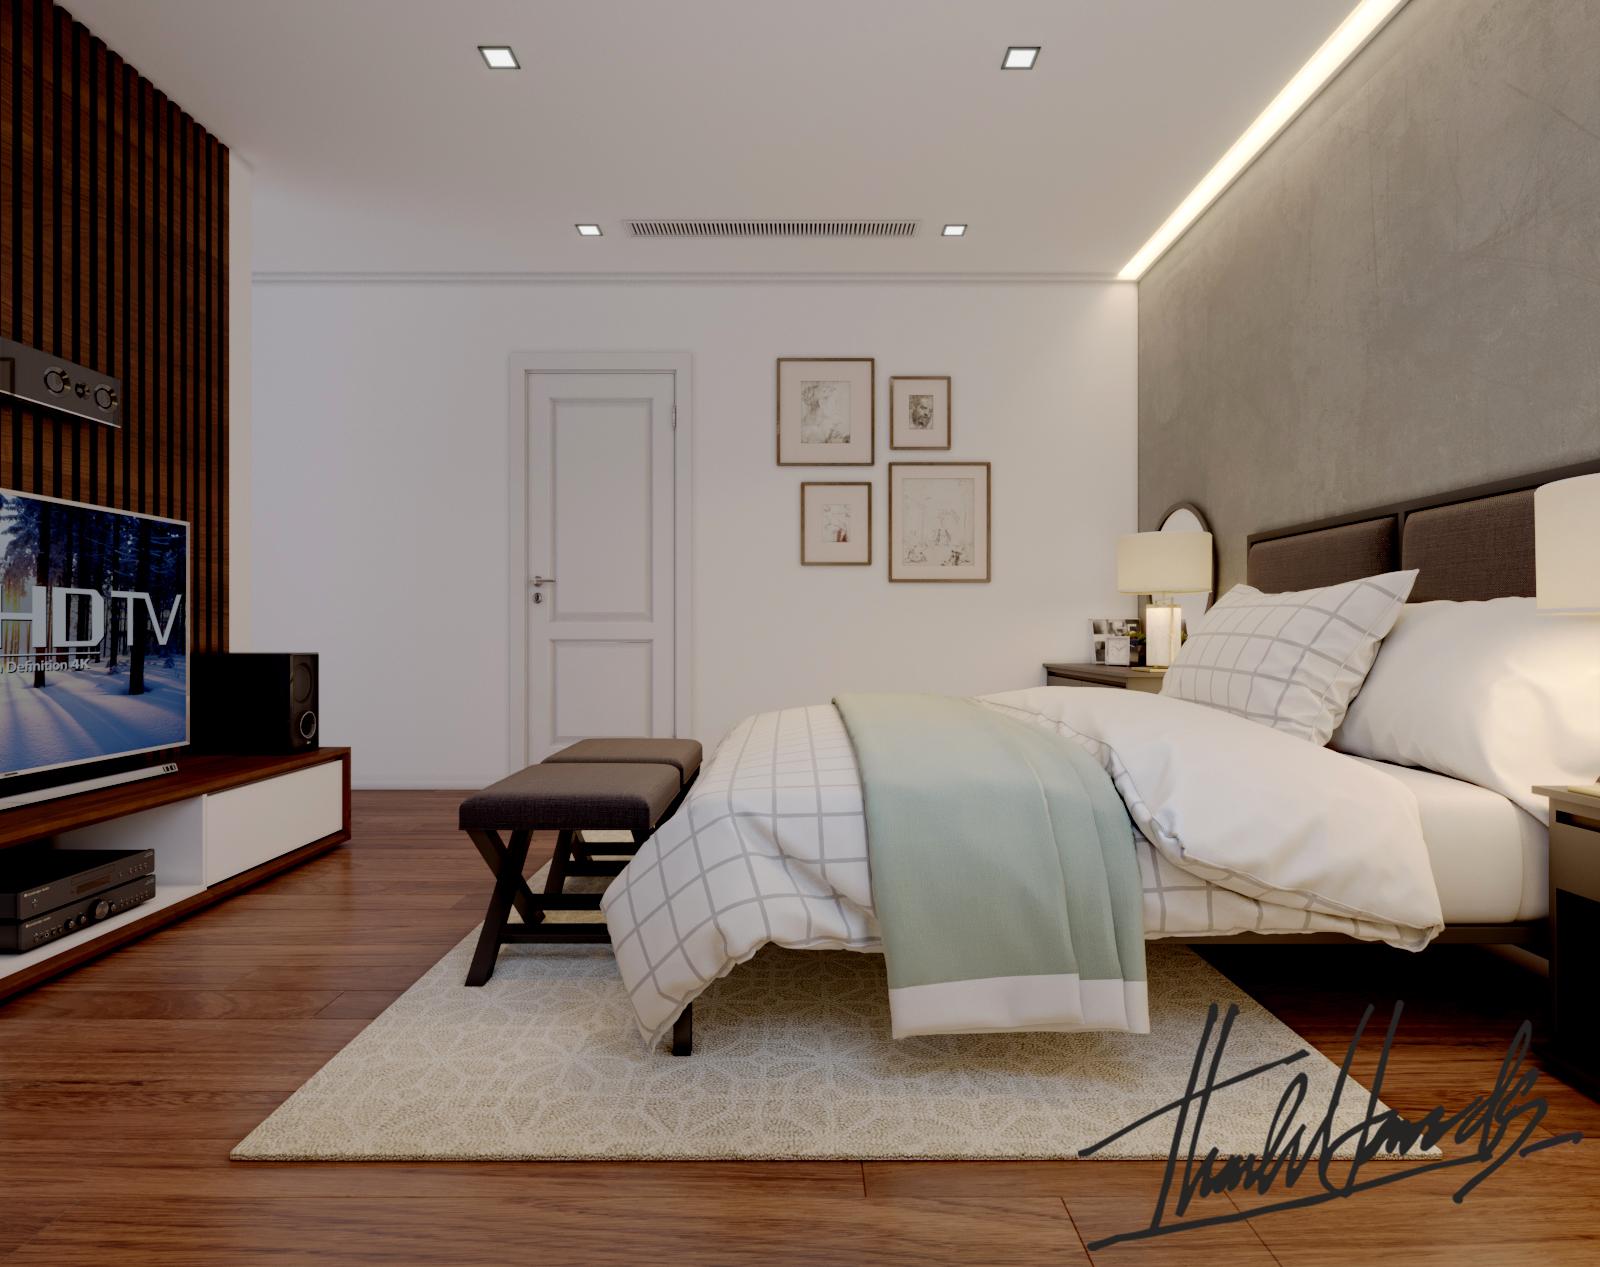 thiết kế nội thất Biệt Thự tại Hải Phòng Biệt thự Vinhomes - imperia ( khu VEN) 20 1568278766